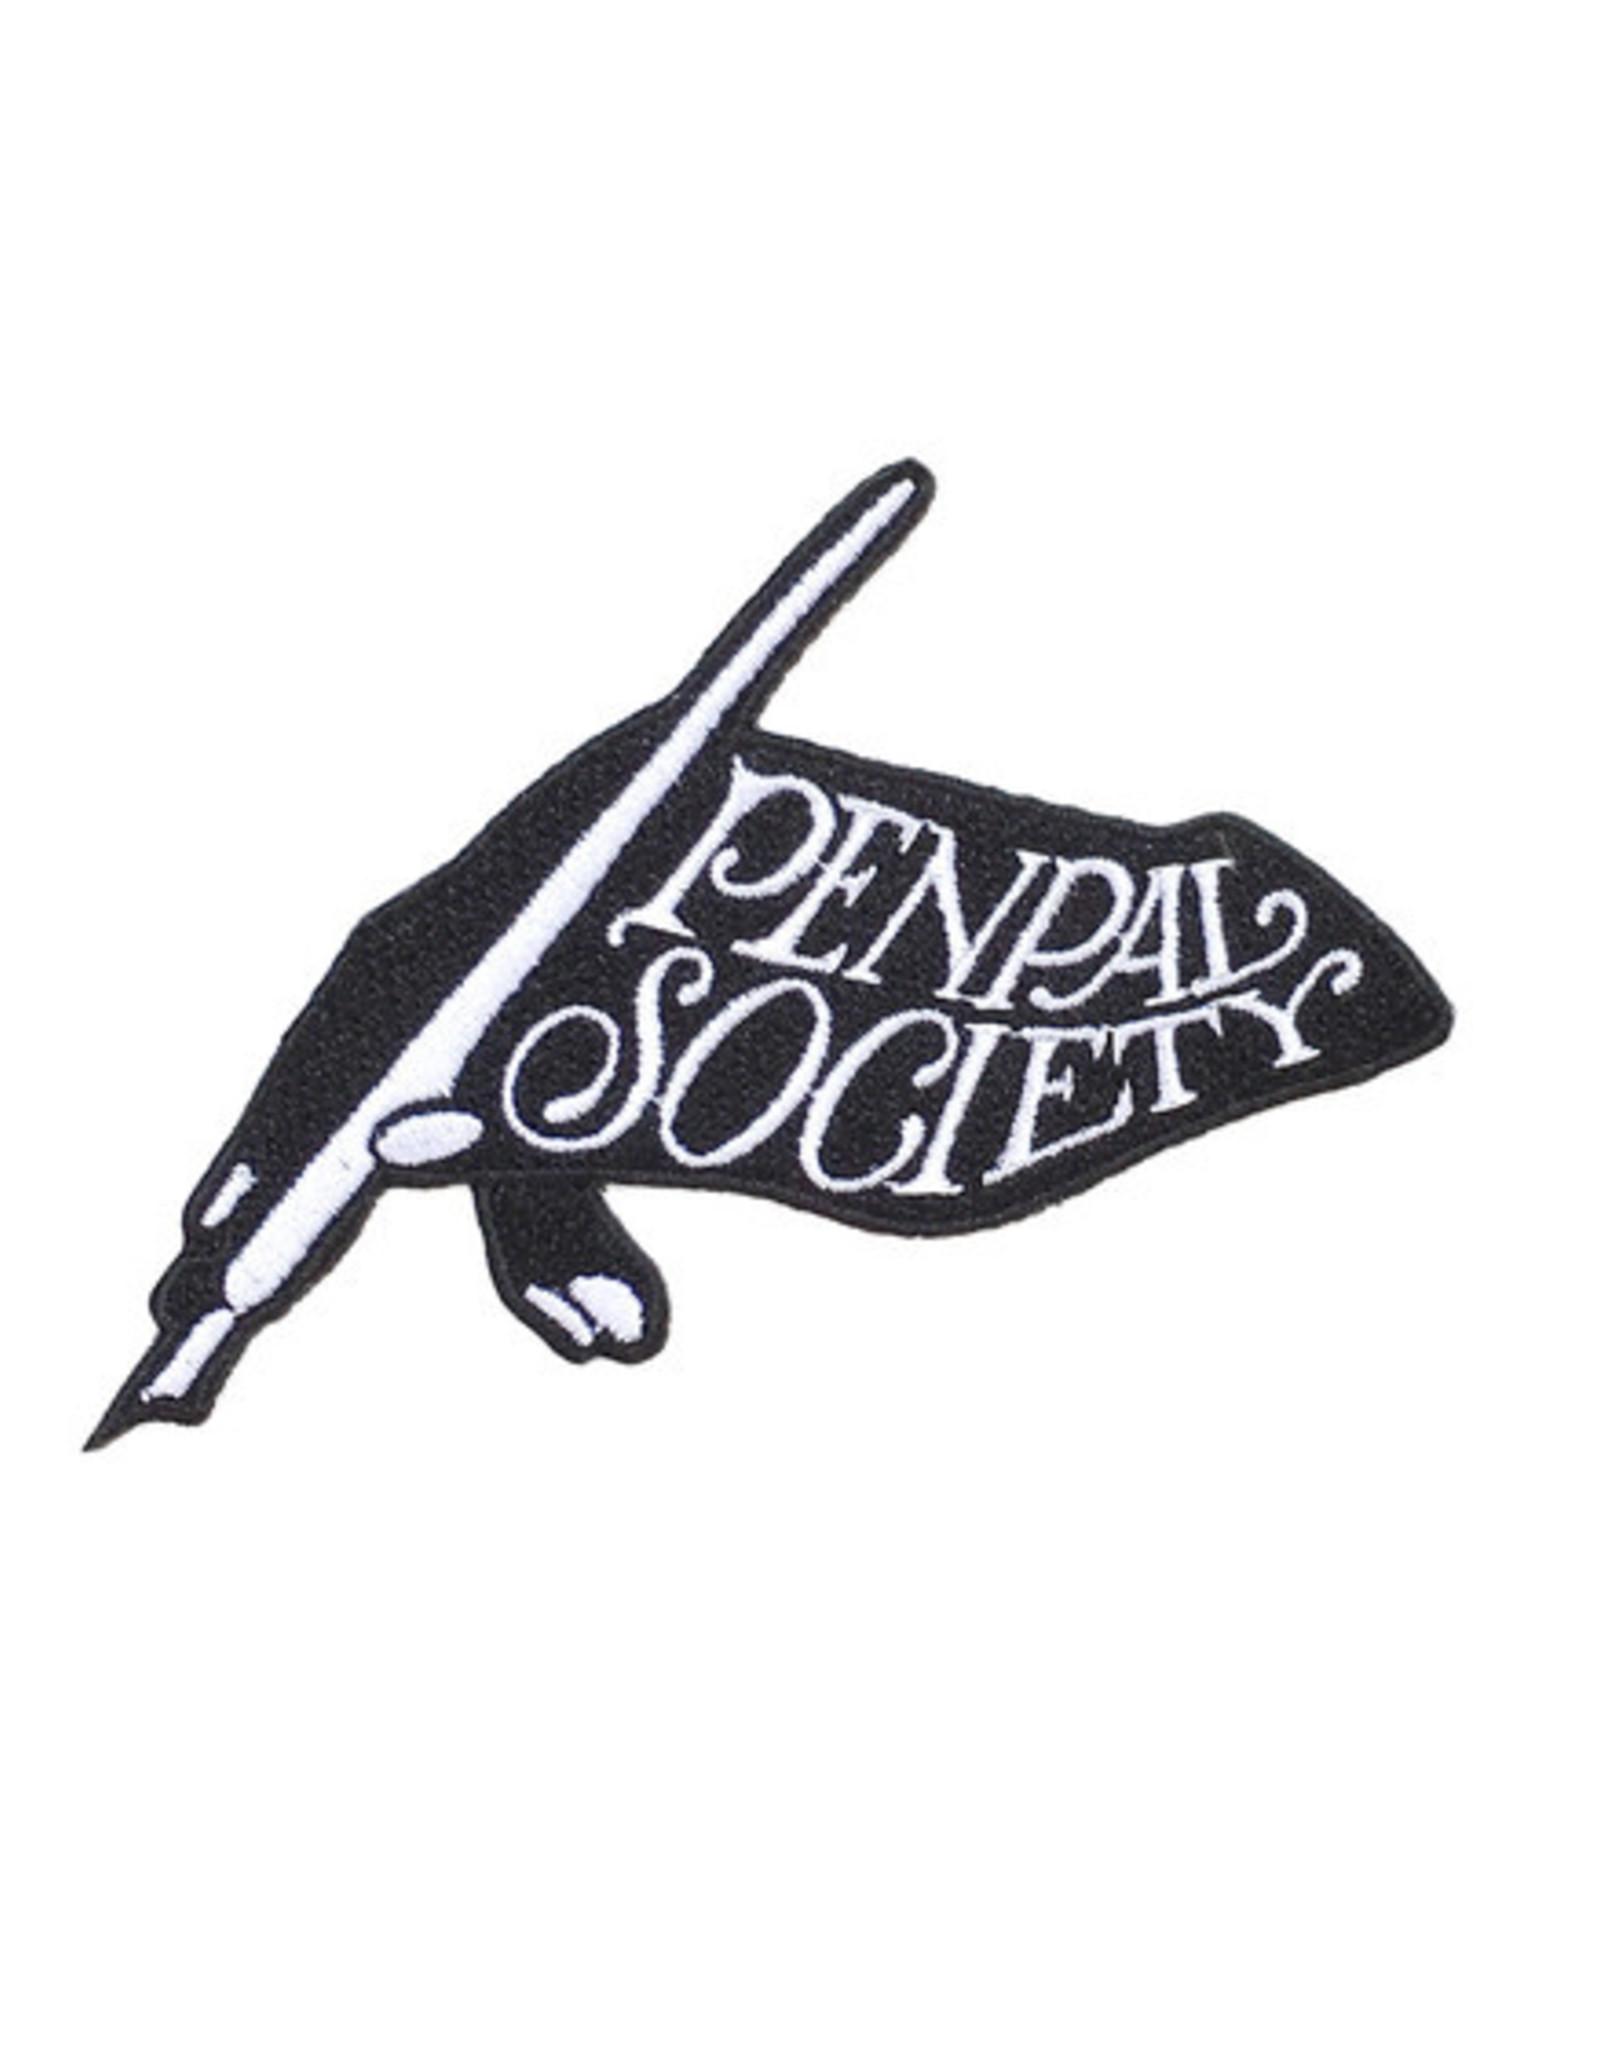 Penpal Society Patch